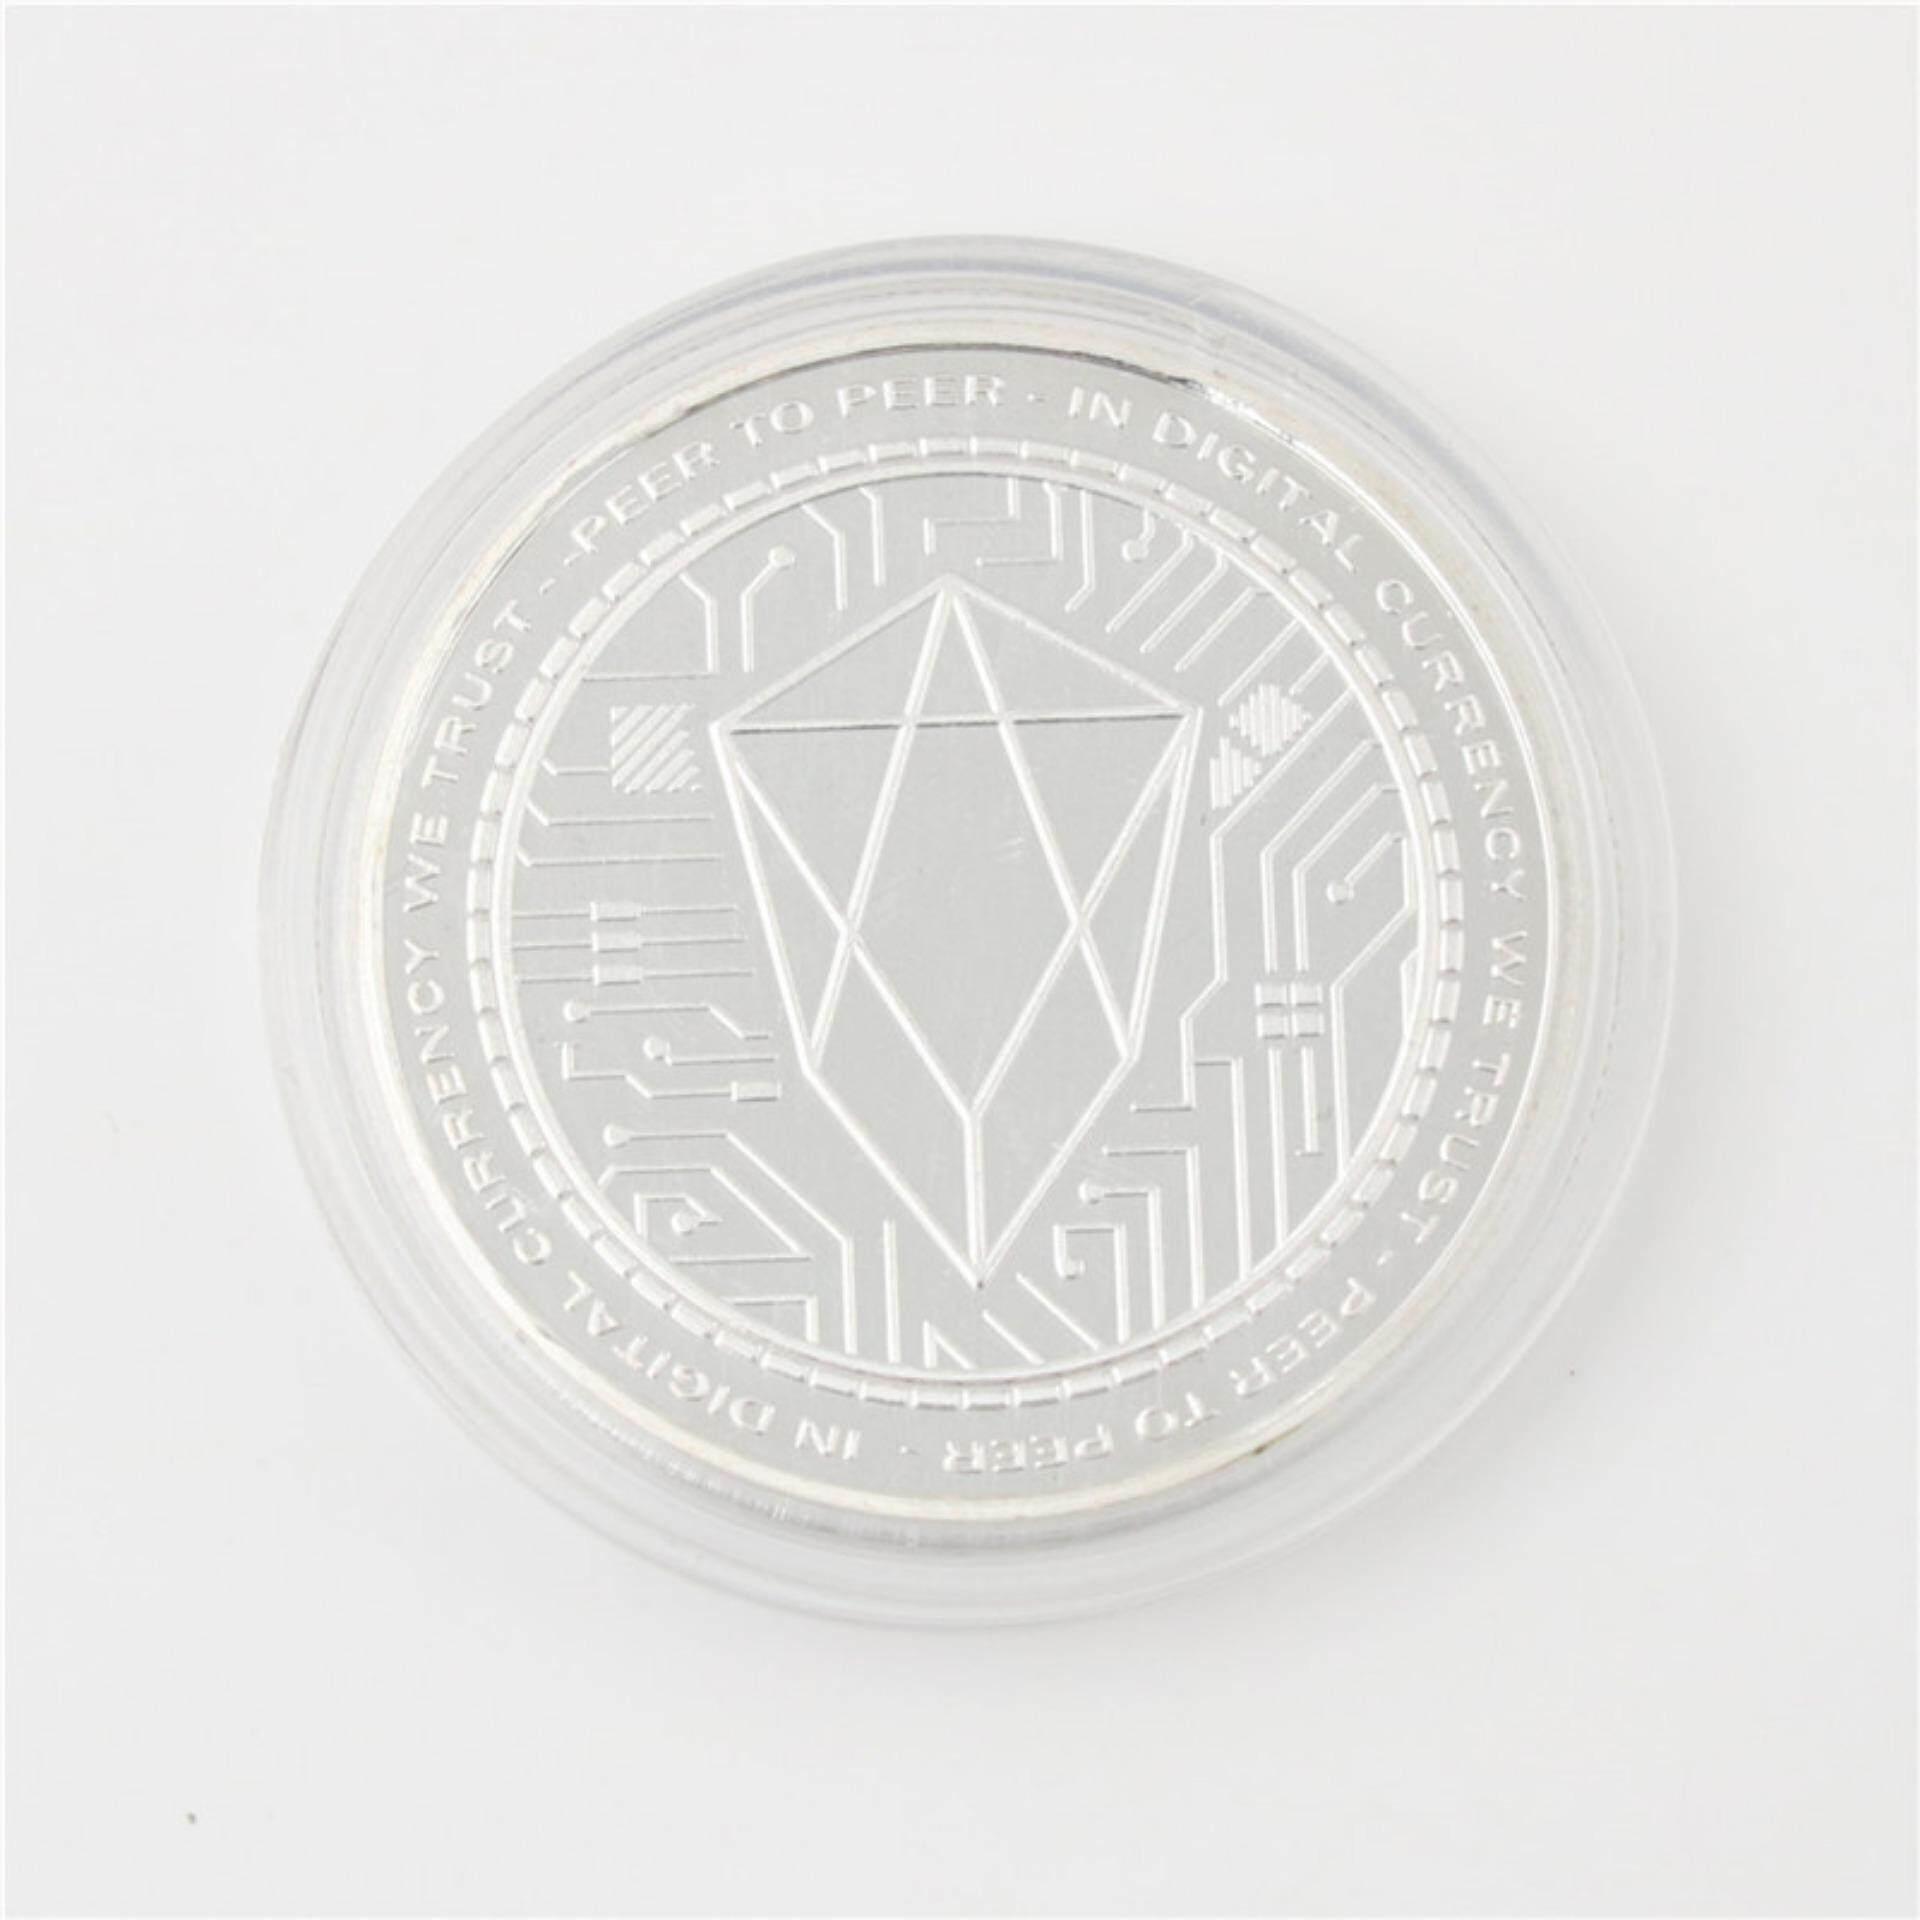 Hình ảnh EOS Commemorative Souvenir Coin Collection Gift Gold